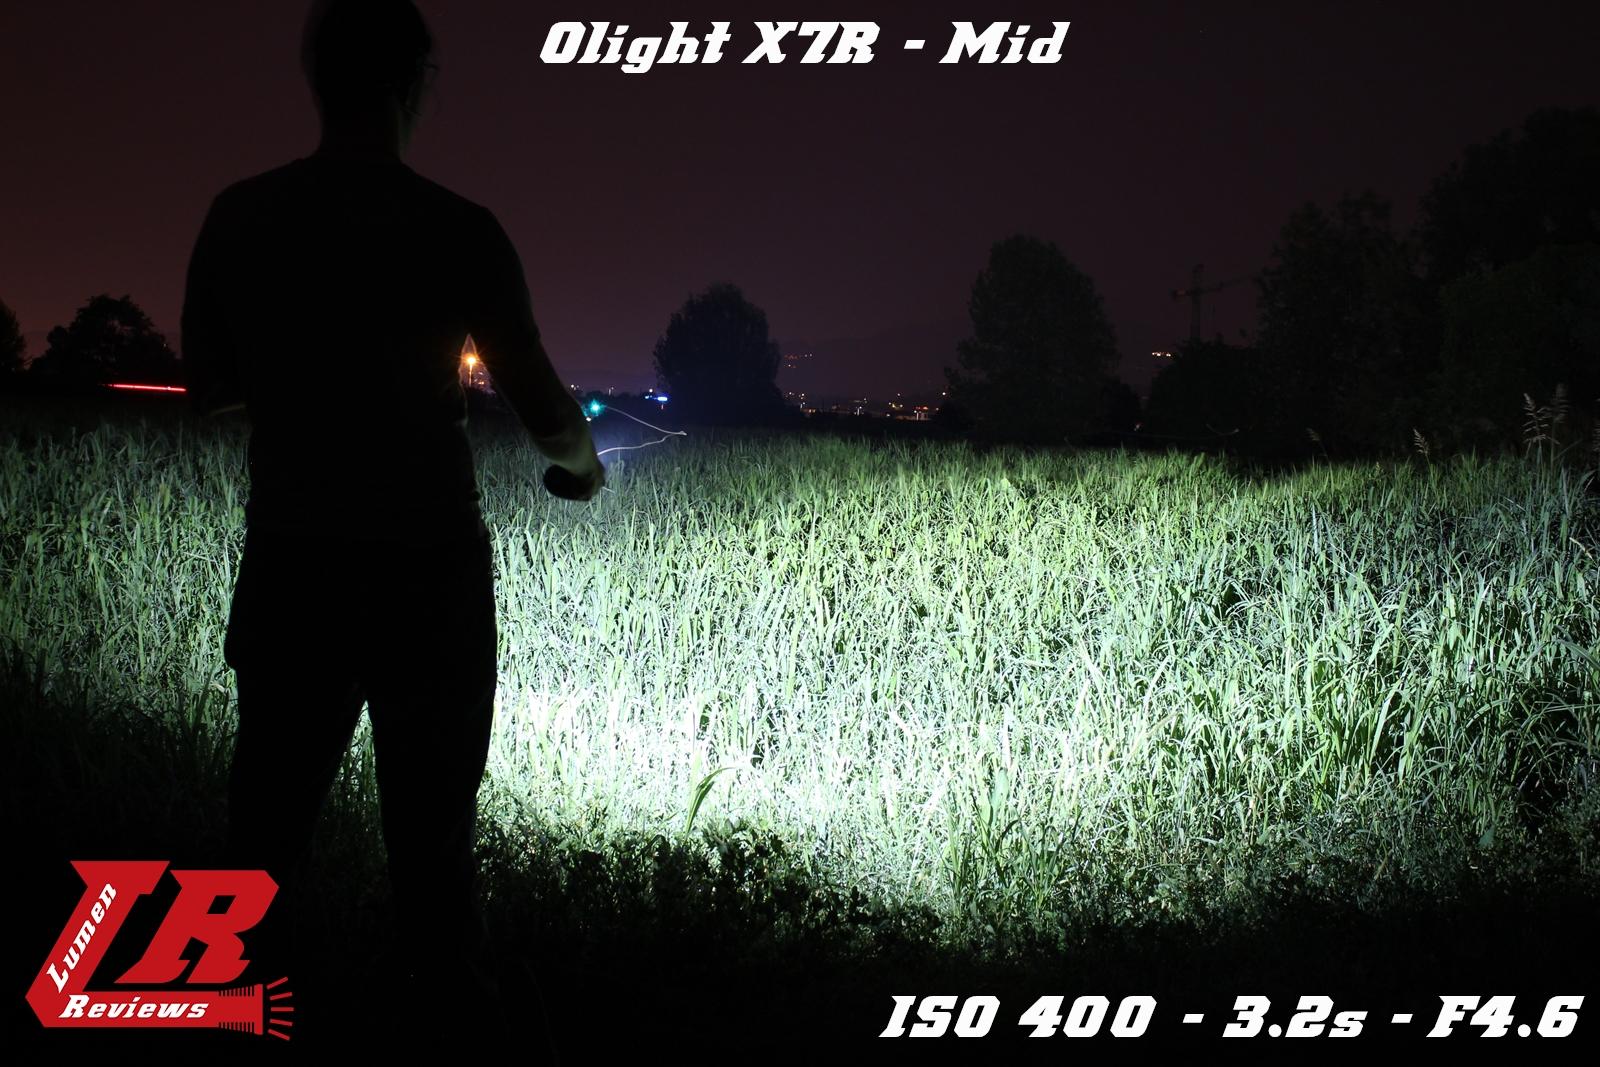 Olight X7R 25